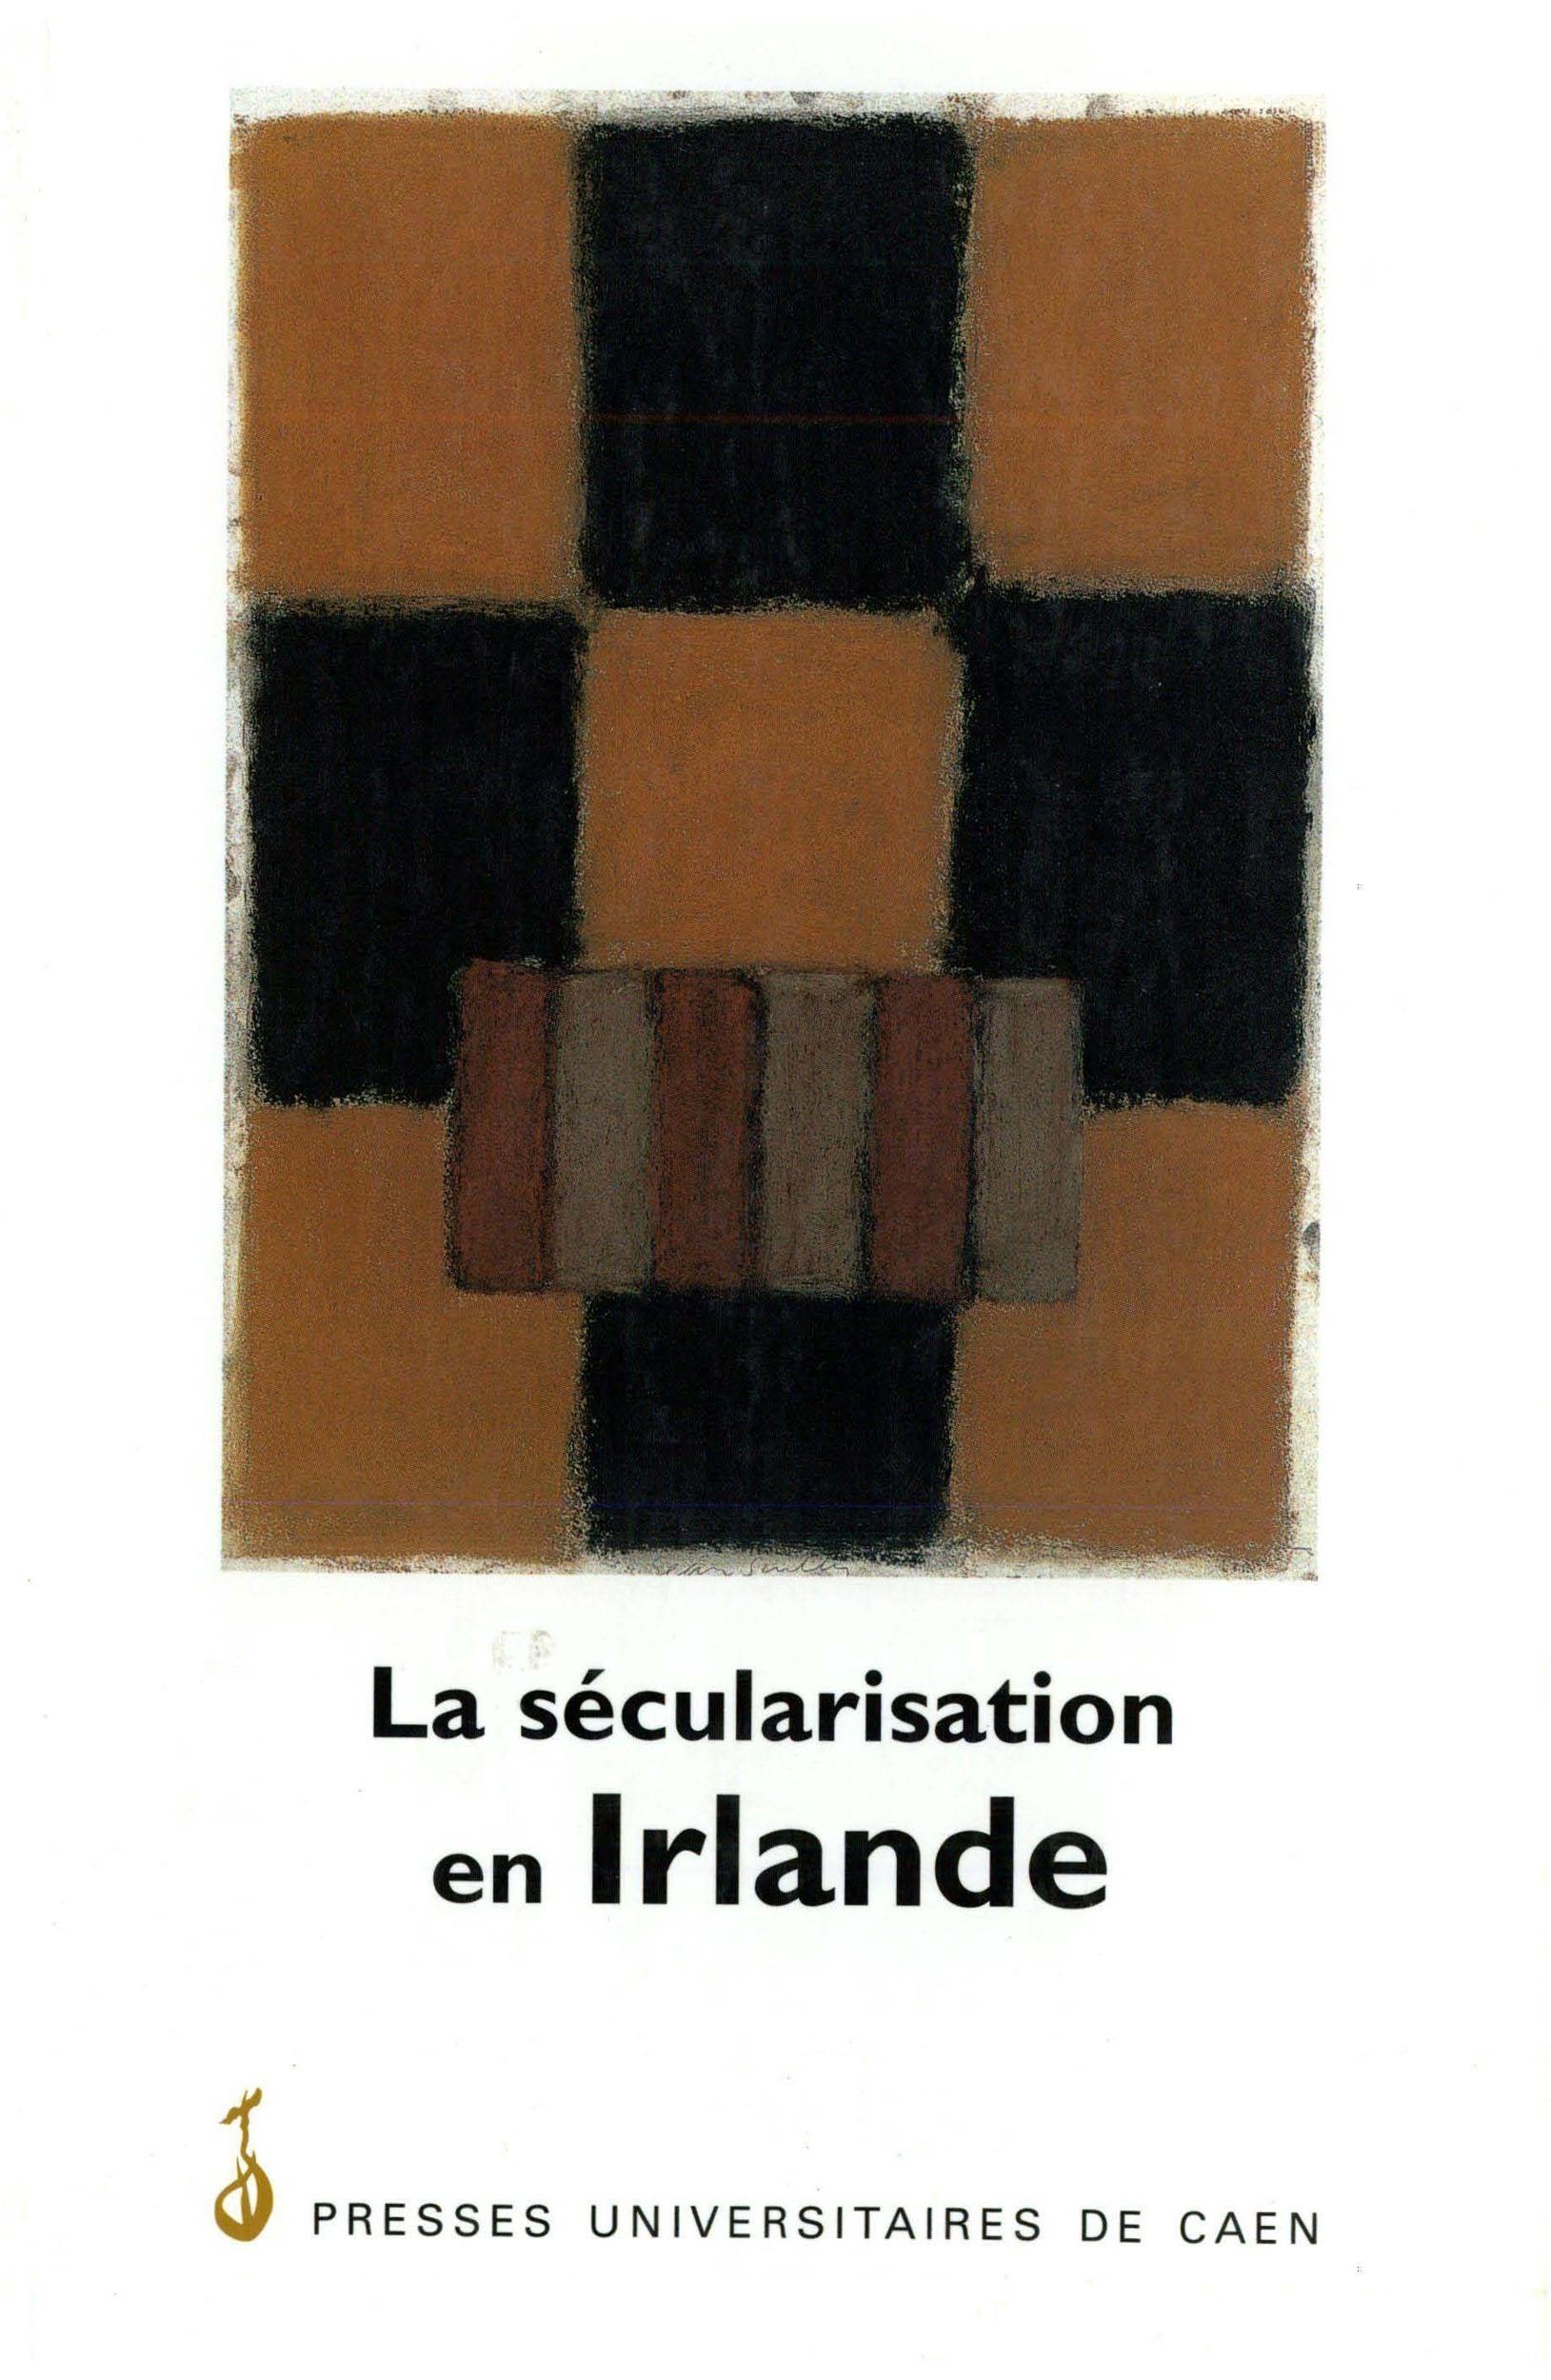 La secularisation en irlande